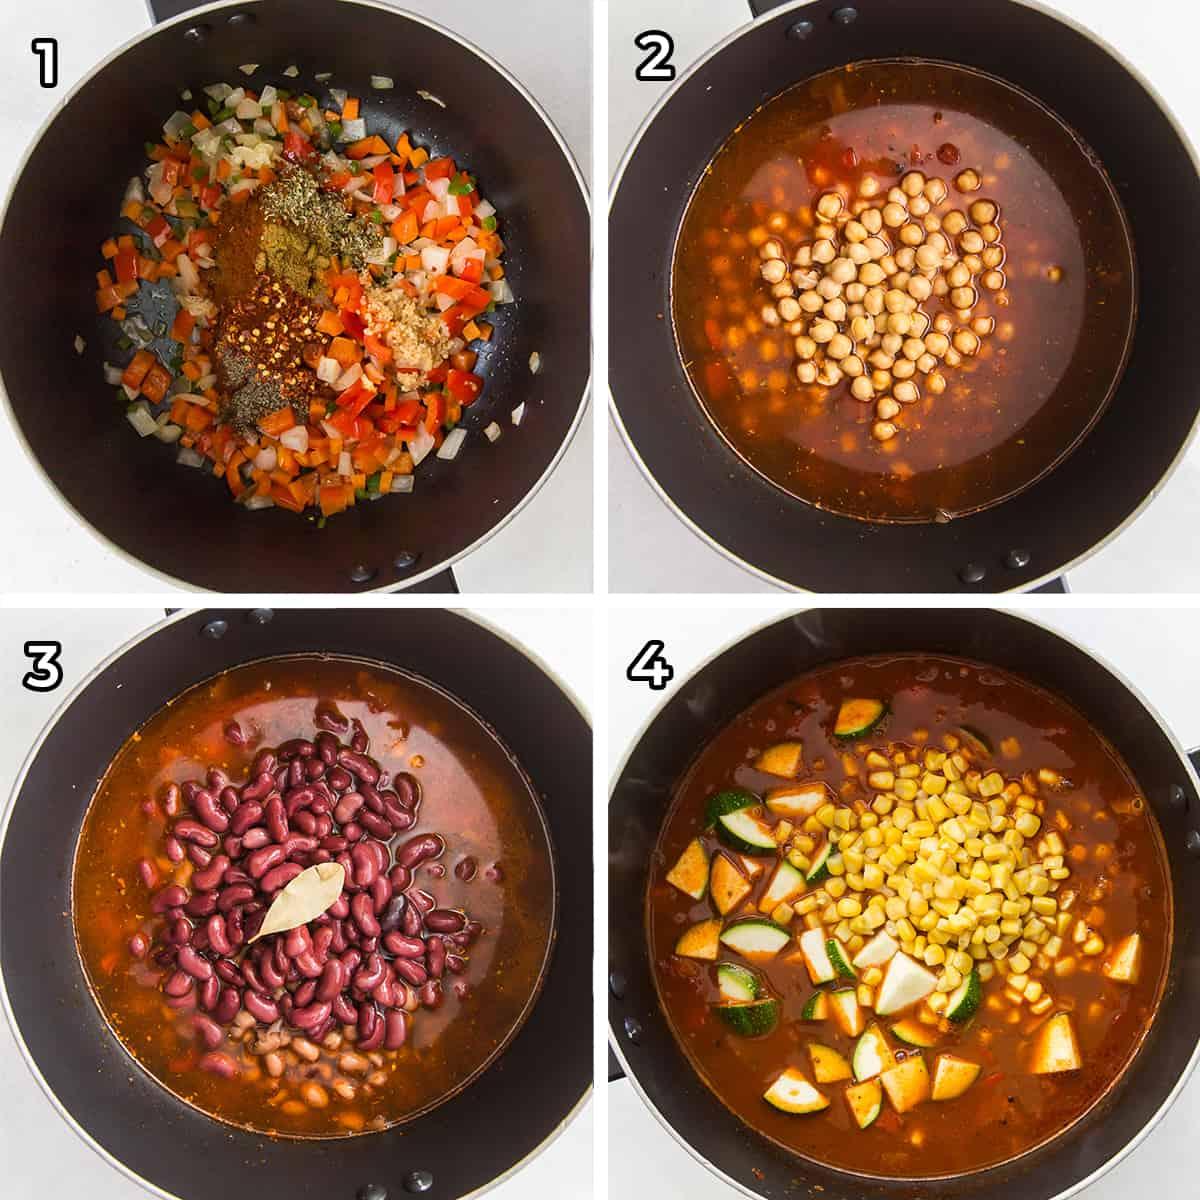 Close ups of Veggie Chili being prepared in a pot.